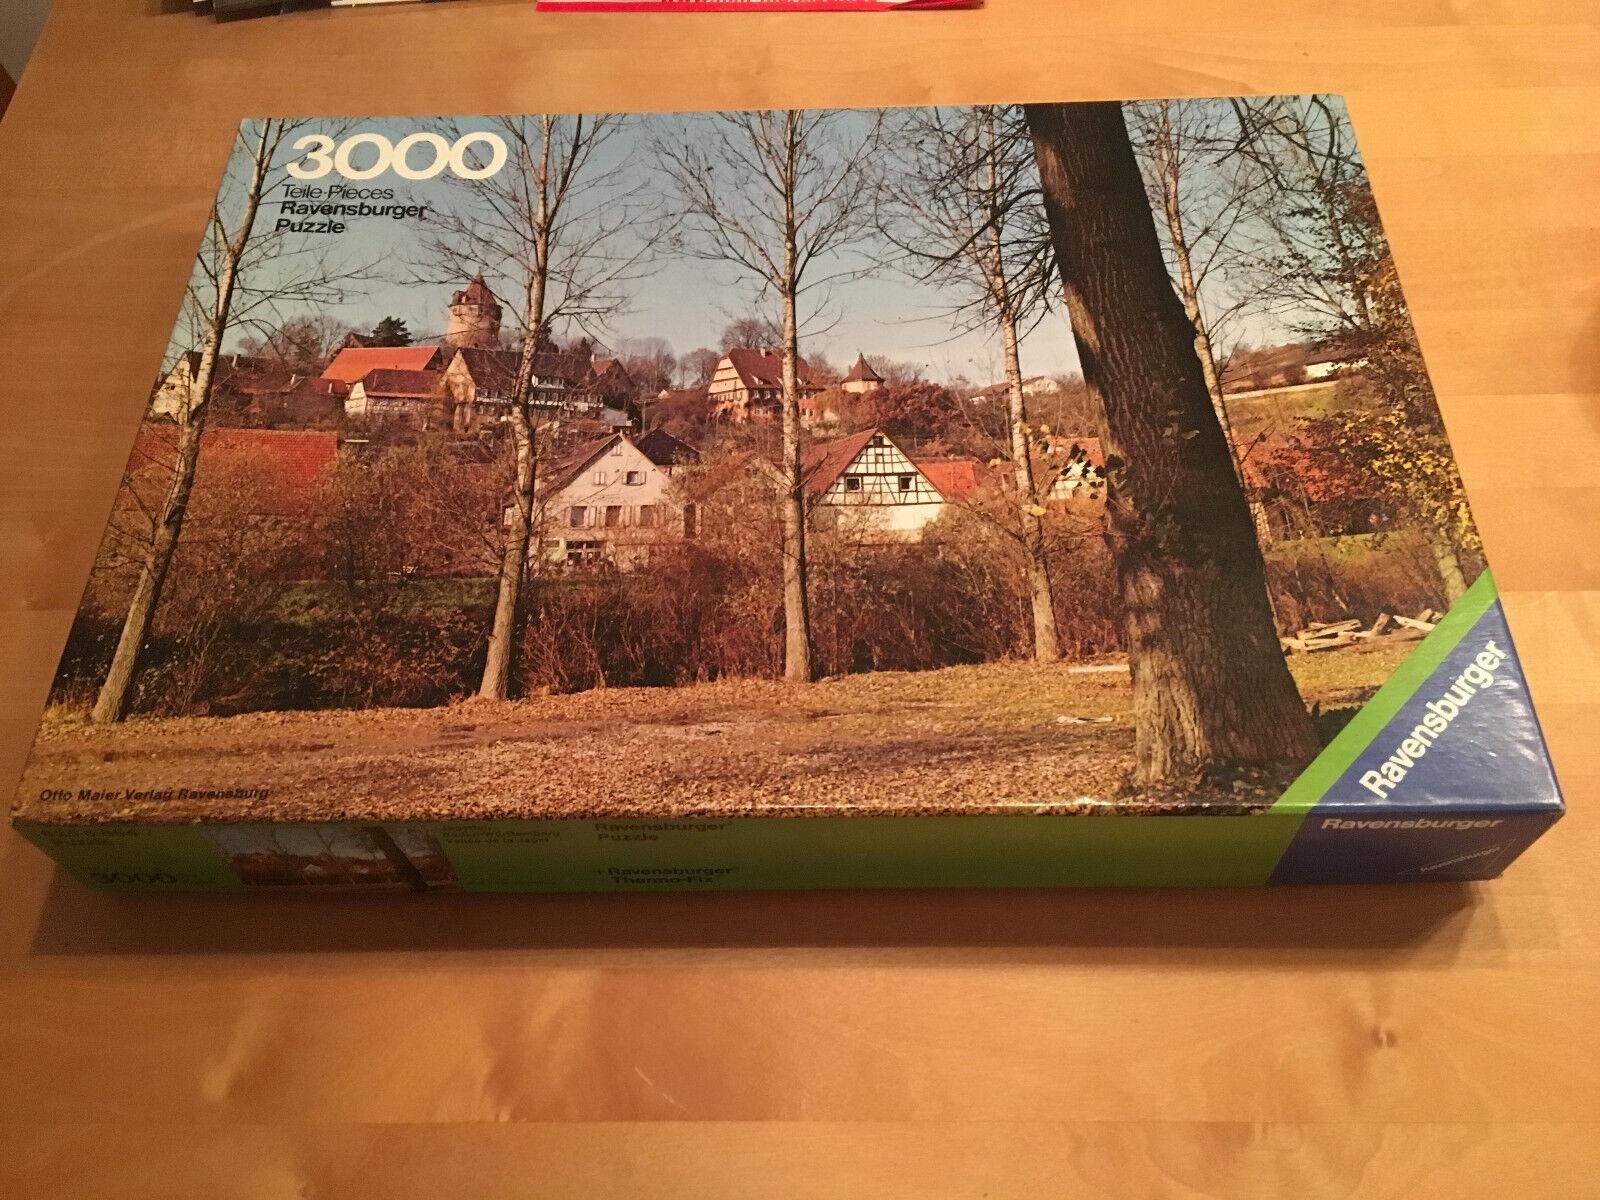 Ravensburger Puzzle 3000 Teile  - Jagsttal Baden-Württemberg sehr selten  | Modern